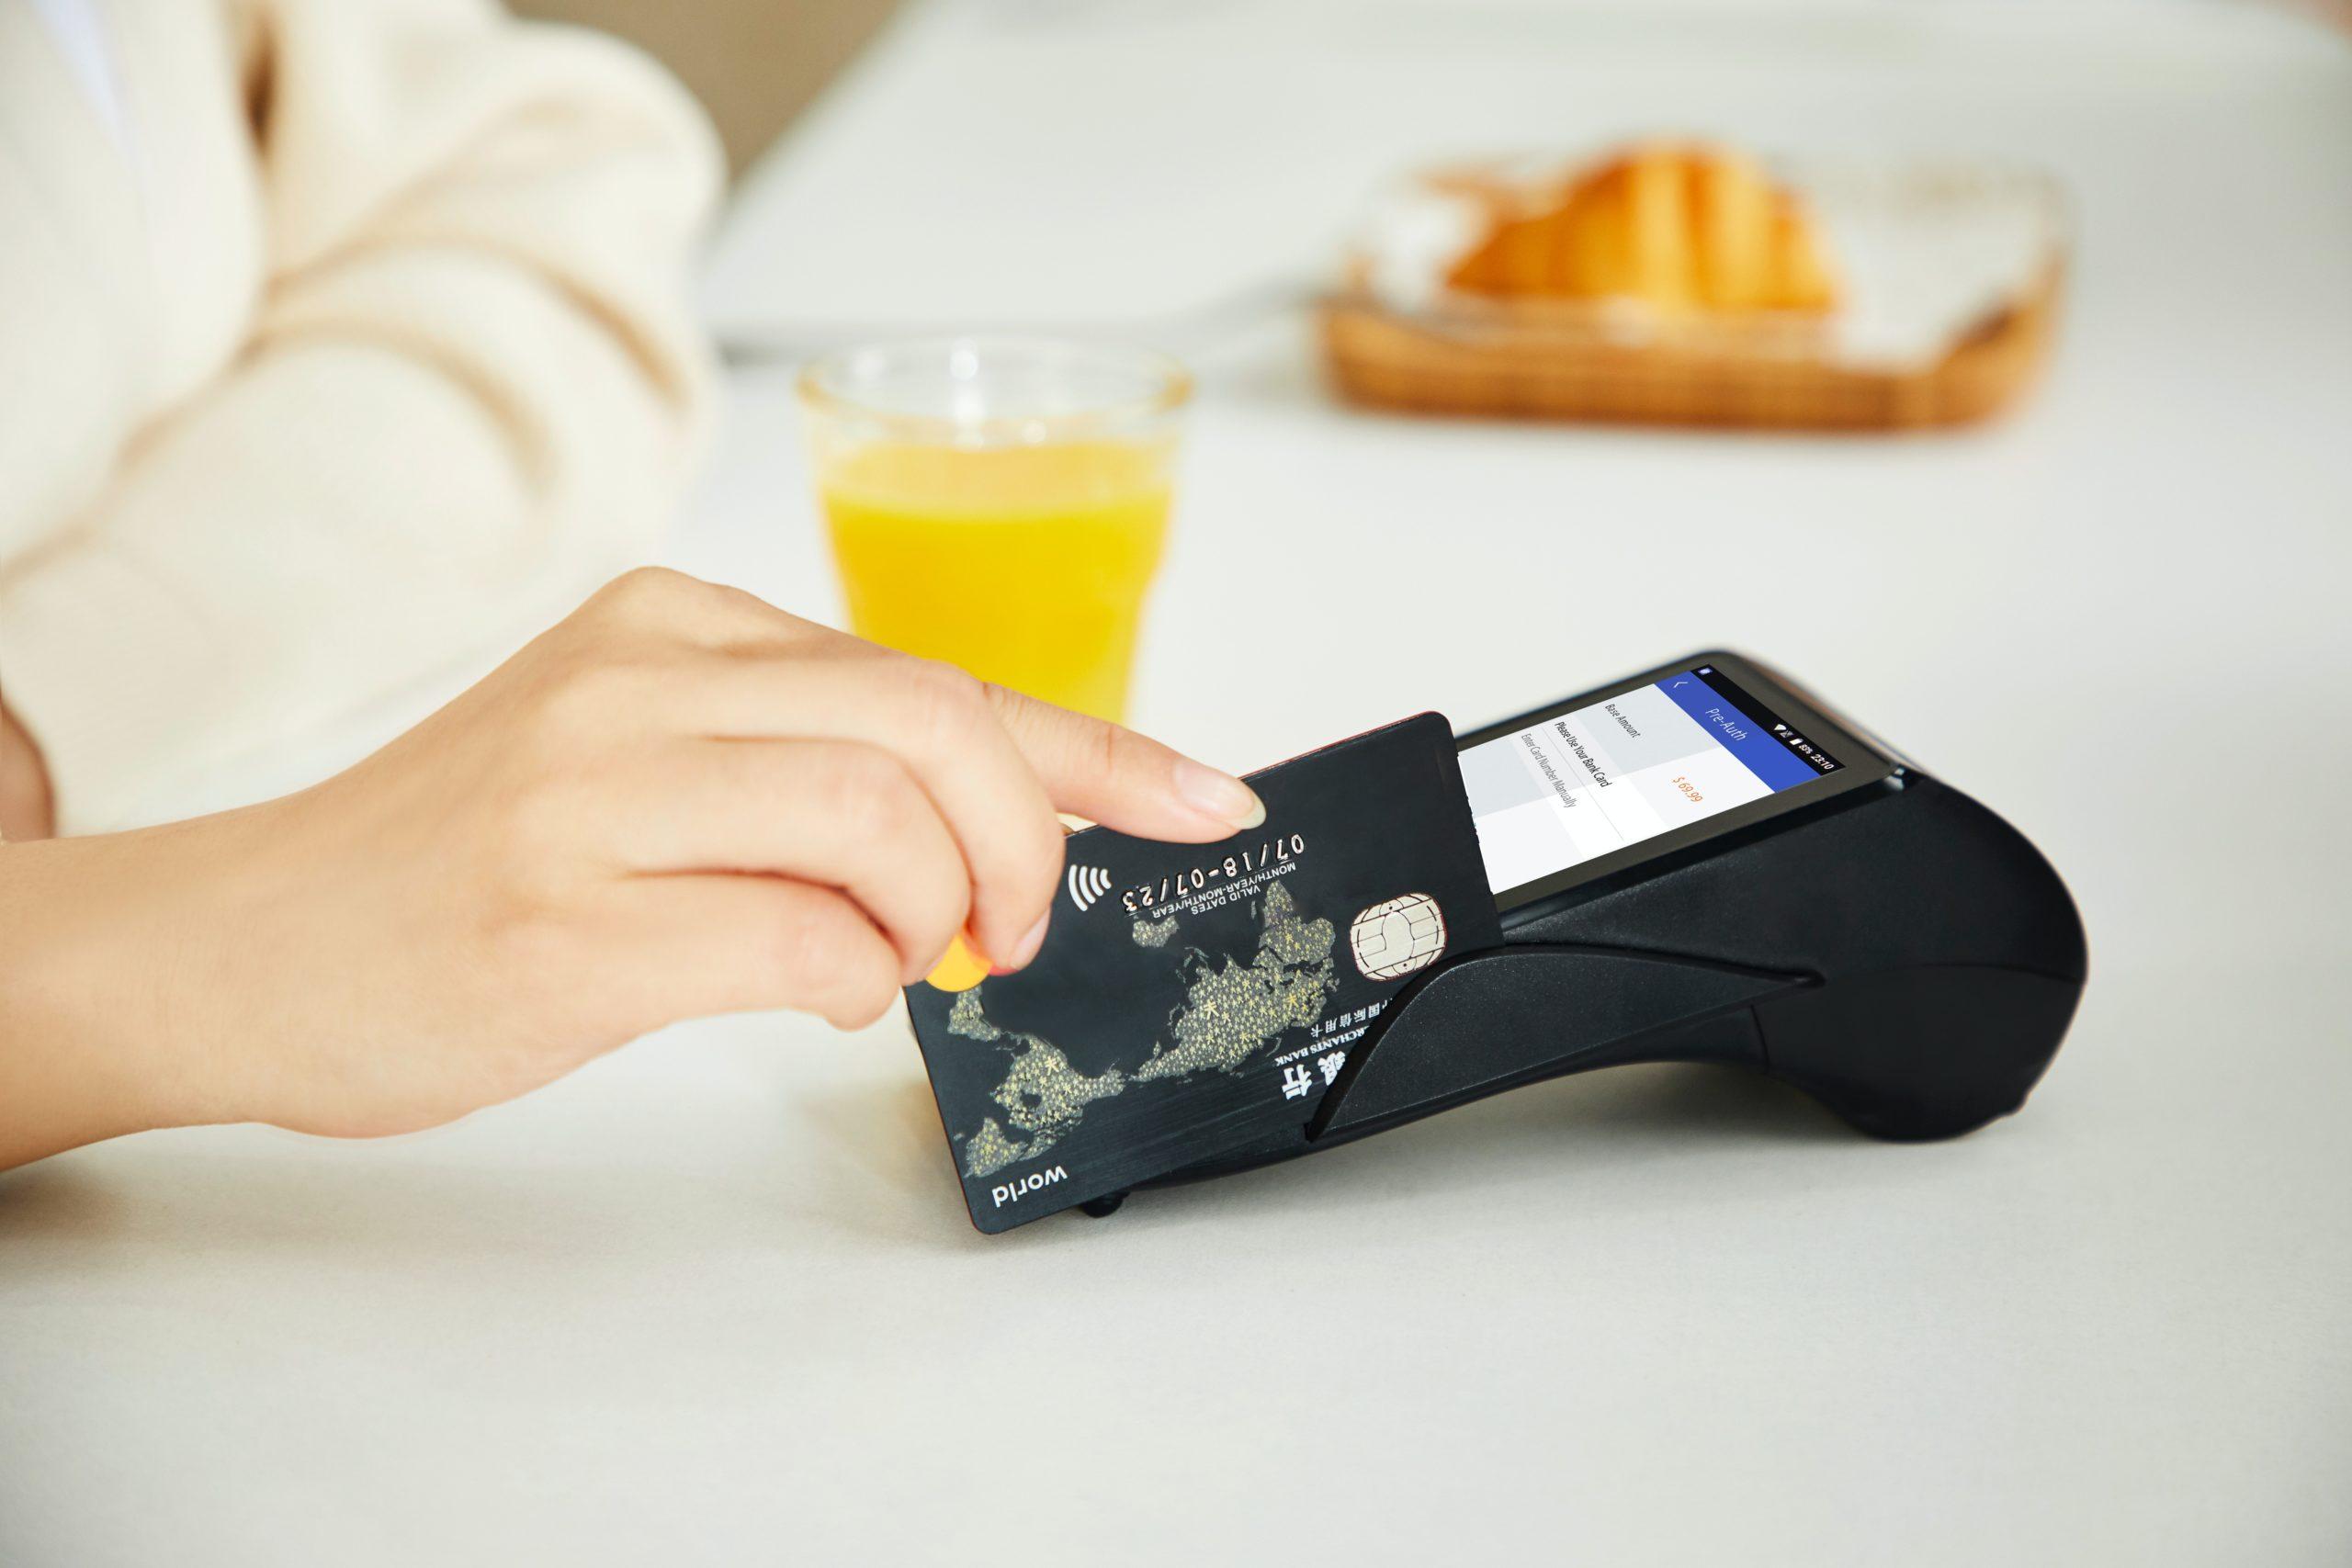 Las tarjetas de crédito o cómo evitar dolor al pagar